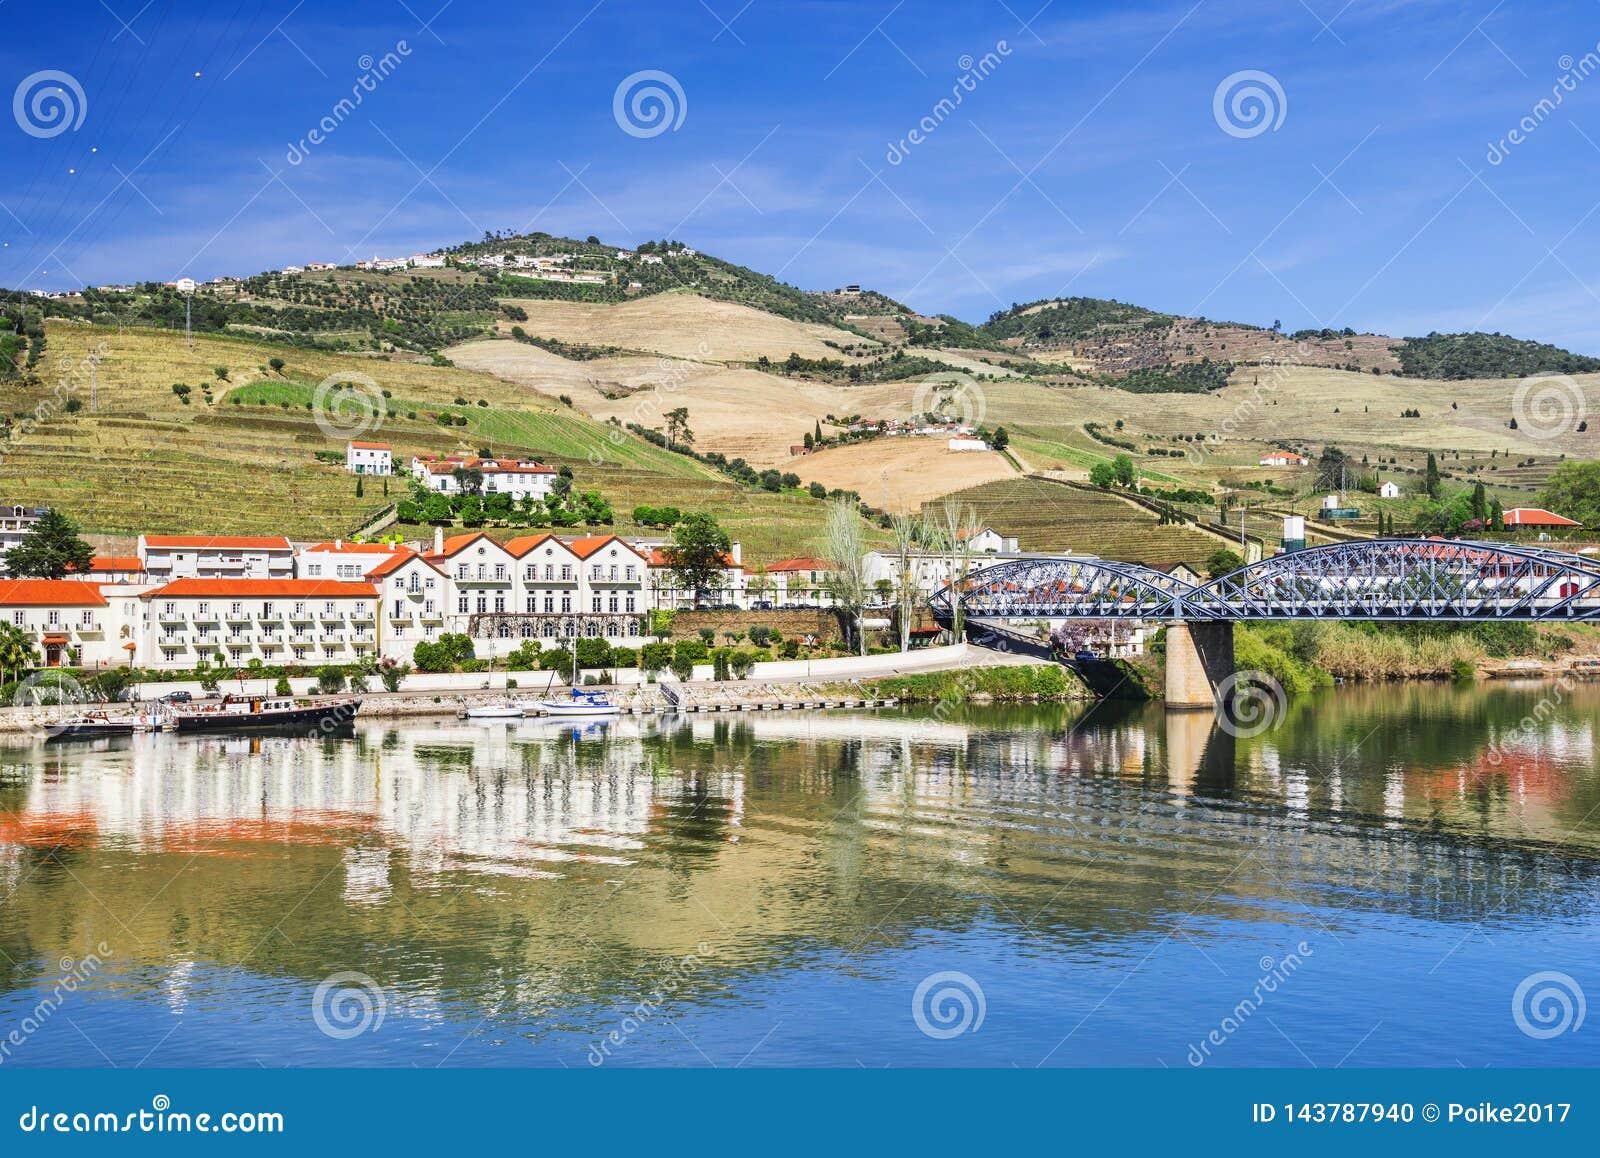 Paysage et vignobles en vallée de Douro avec le village de Pinhao, Portugal